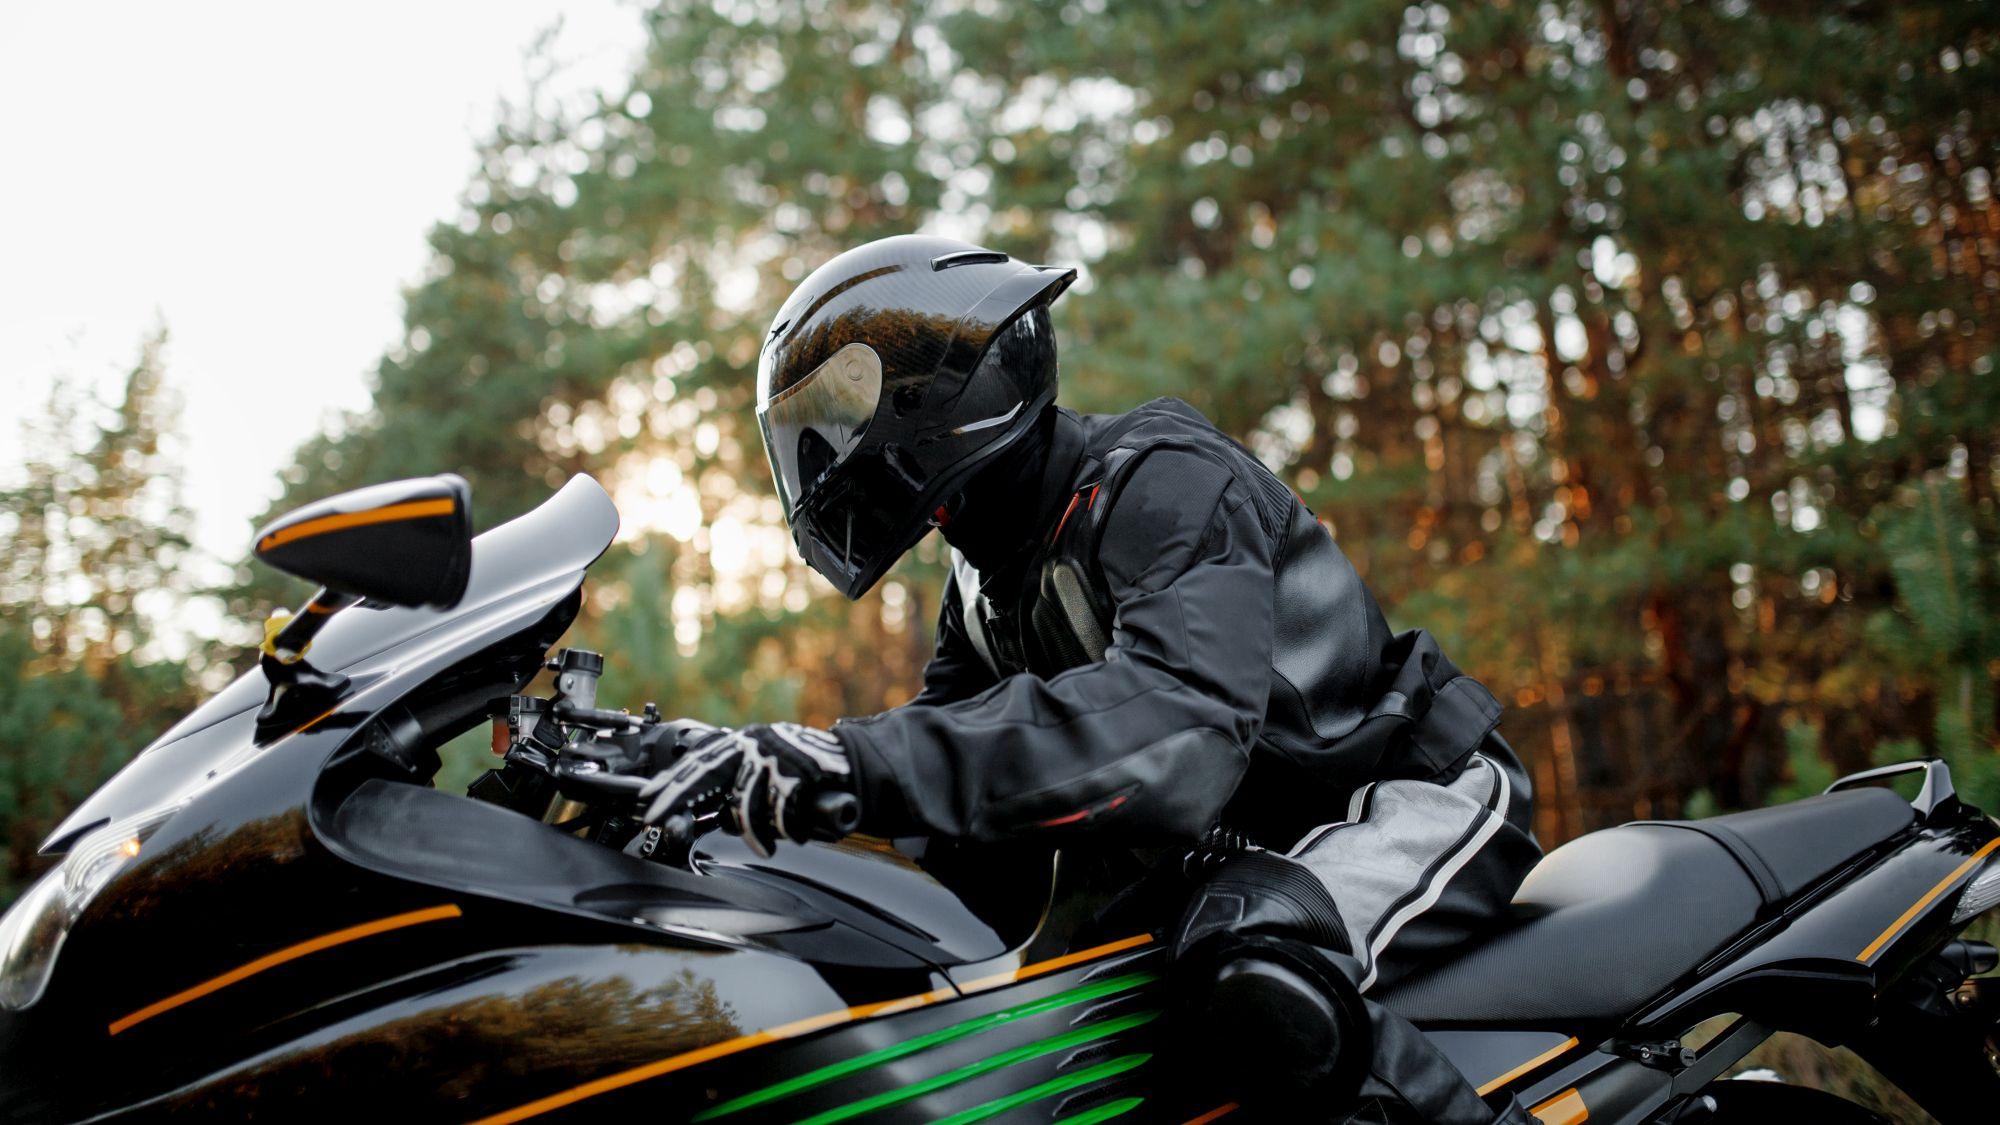 A motoros overallok nyújtják a legtöbb védelmet